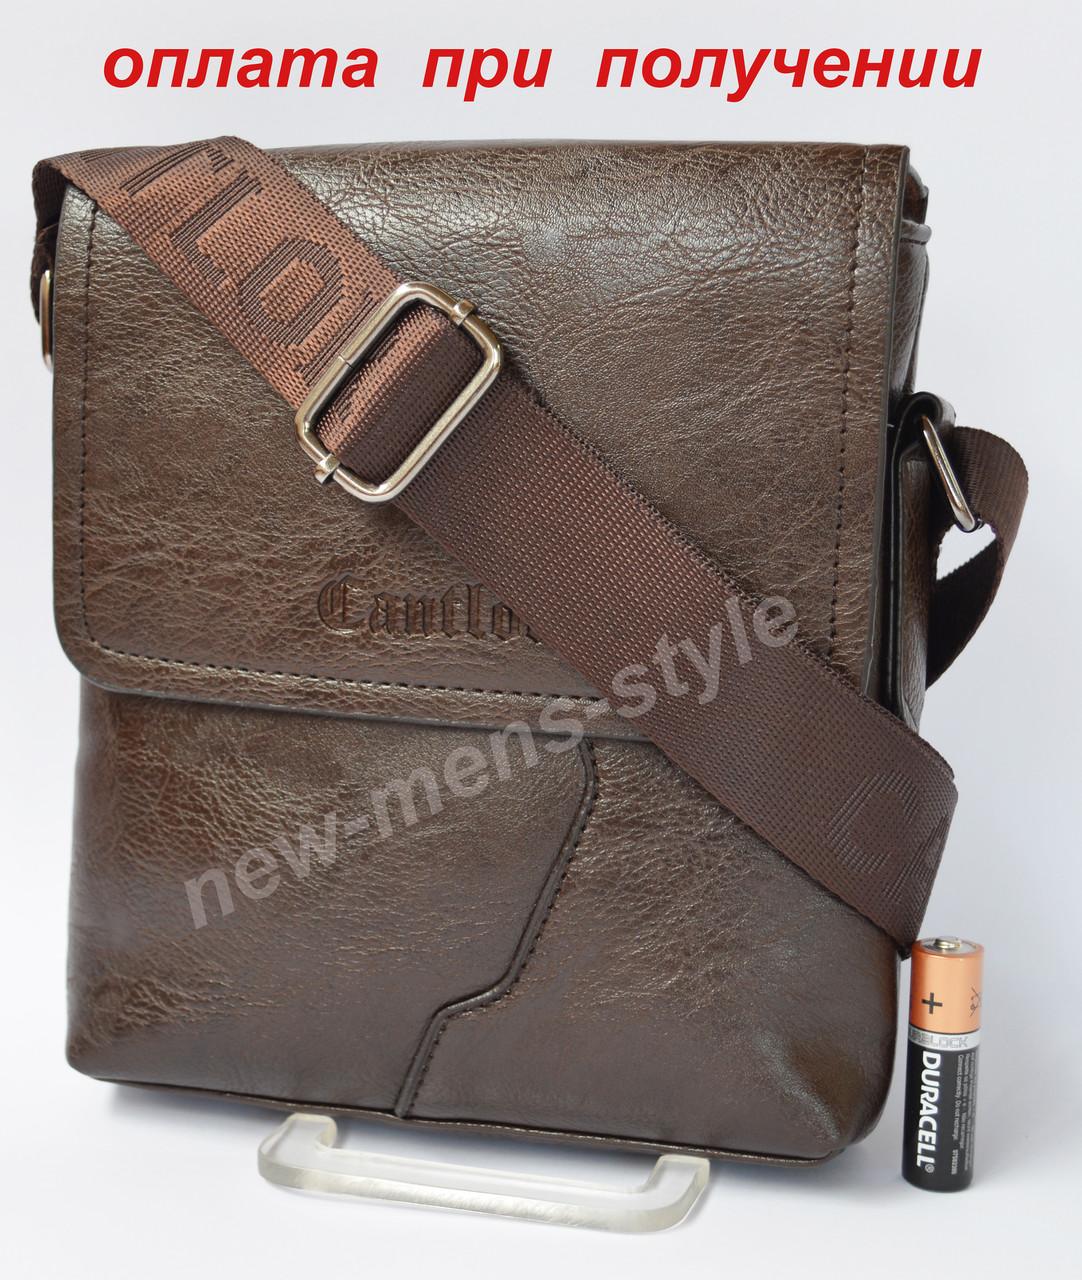 Чоловіча чоловіча шкіряна сумка барсетка через плече Cantlor (Polo) NEW